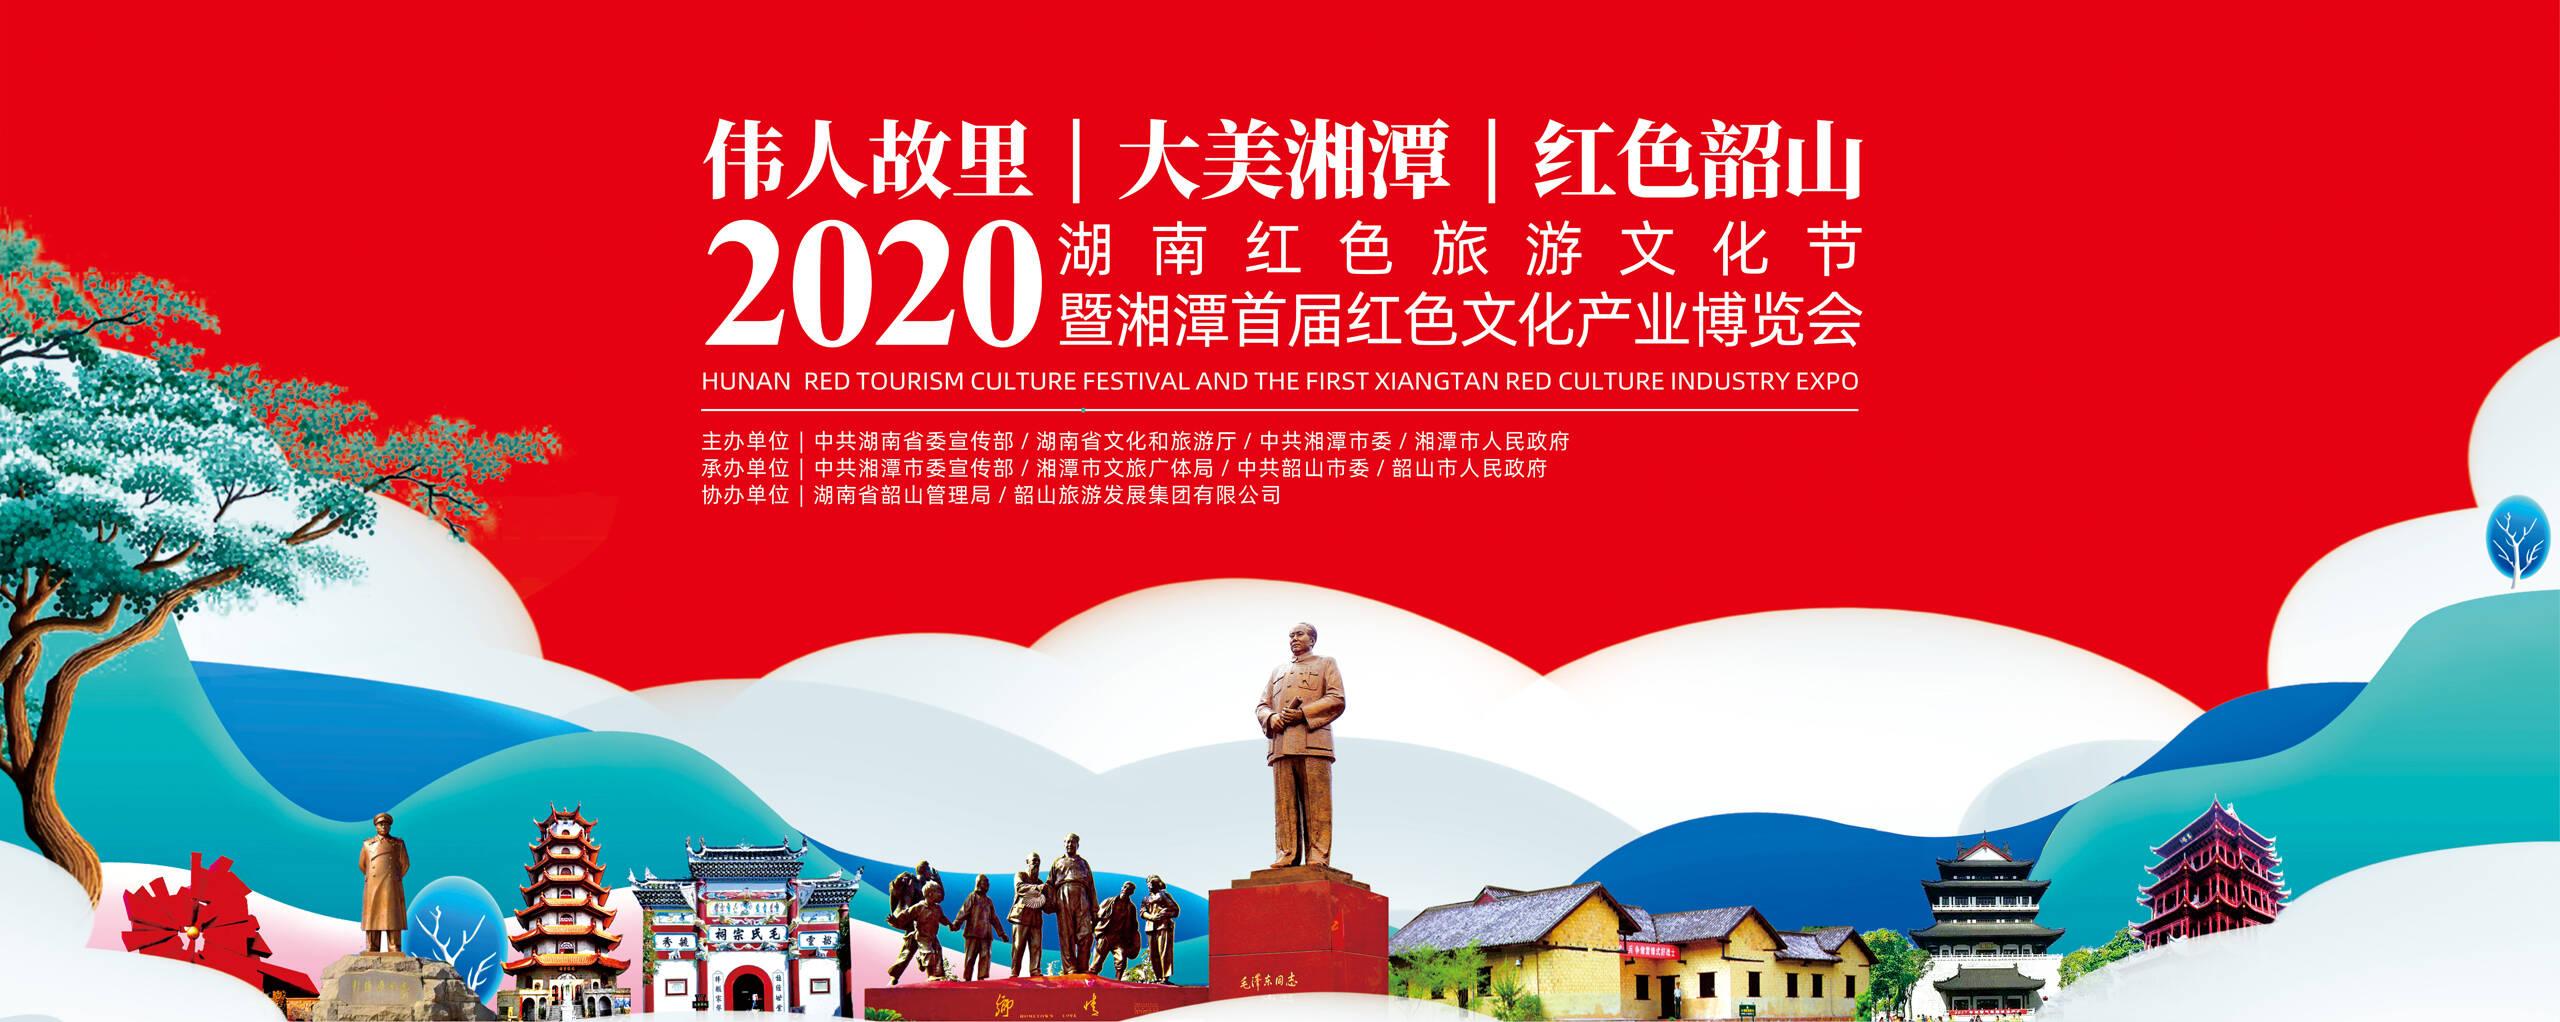 """华声直播>>""""2020湖南红色旅游文化节暨湘潭首届红色文化产业博览会""""新闻发布会"""